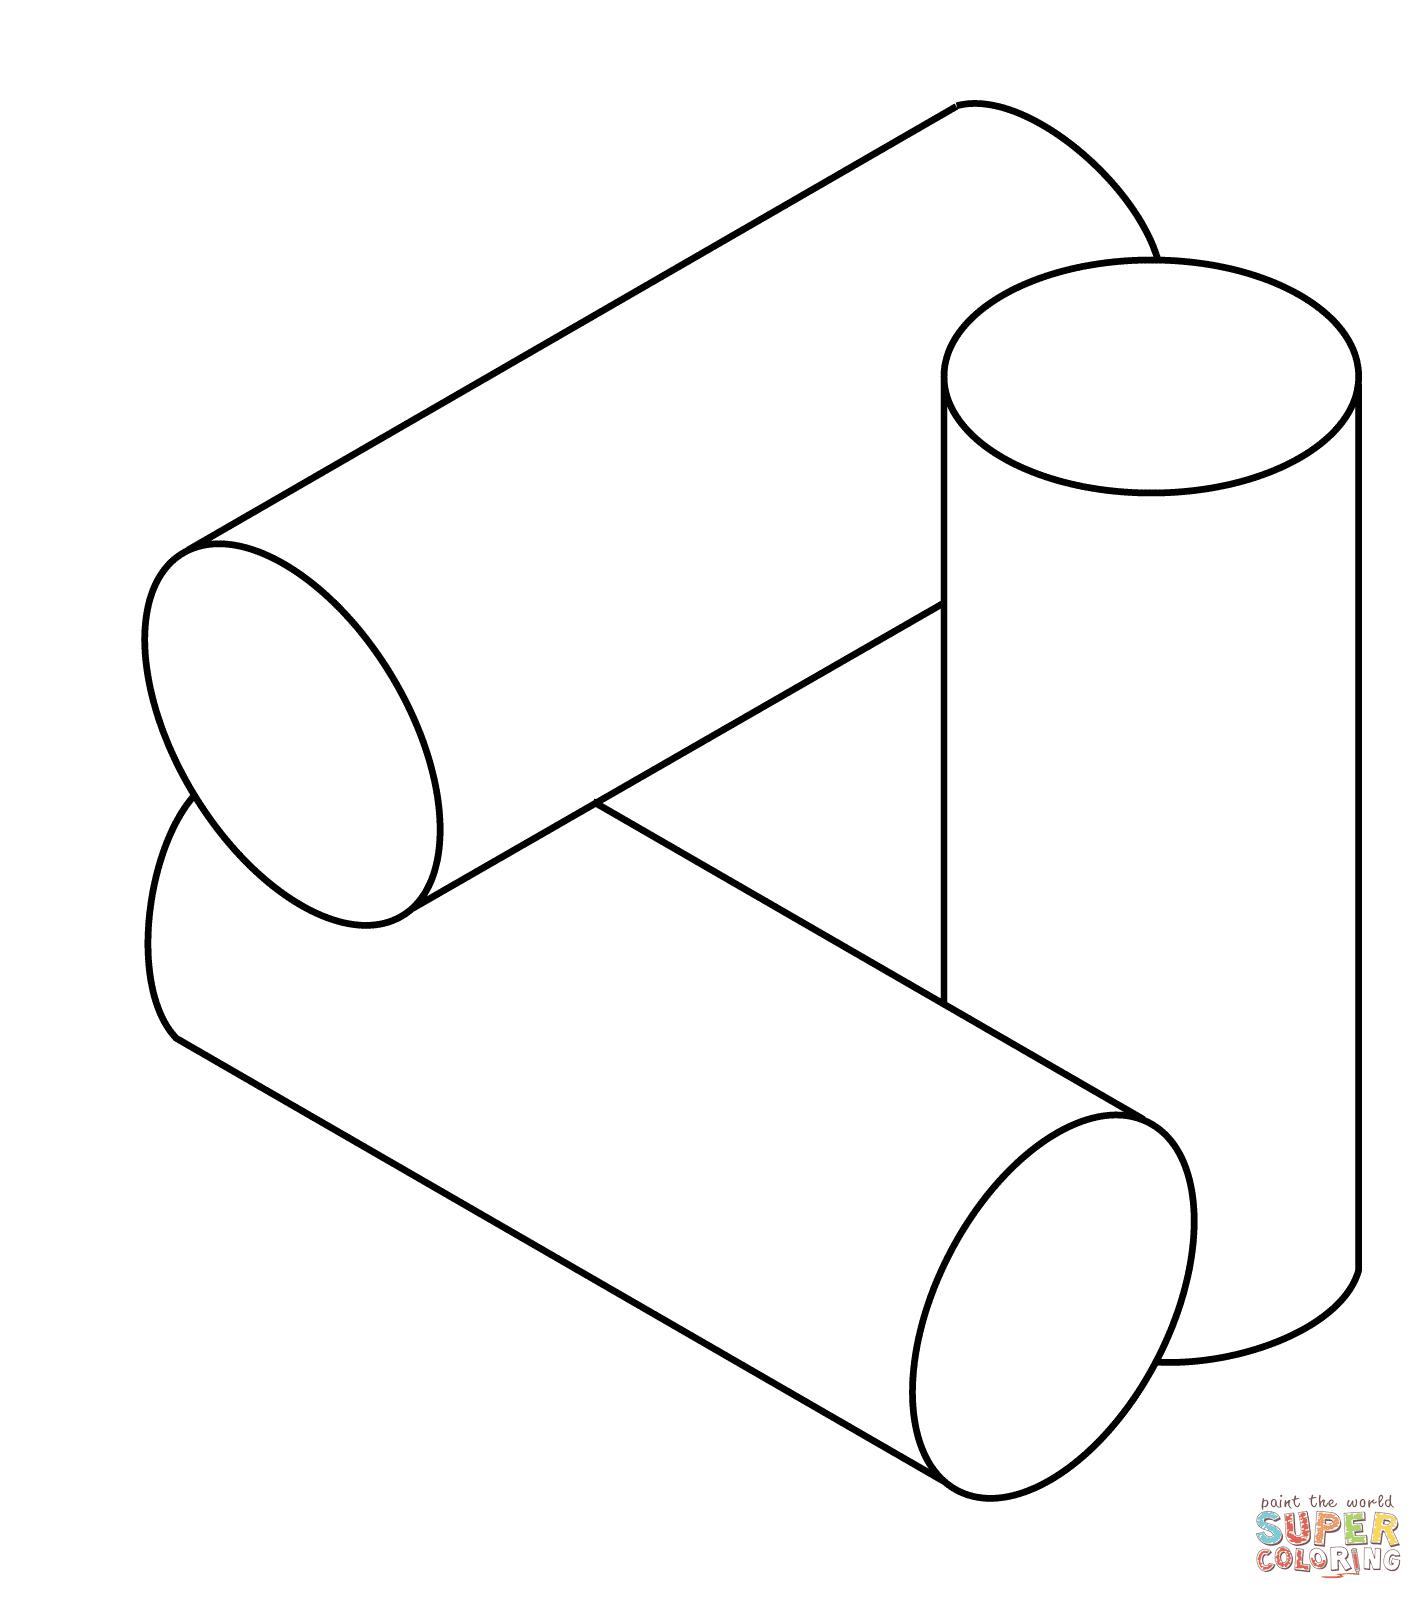 Ausmalbild: Optische Täuschung 44 | Ausmalbilder kostenlos ...